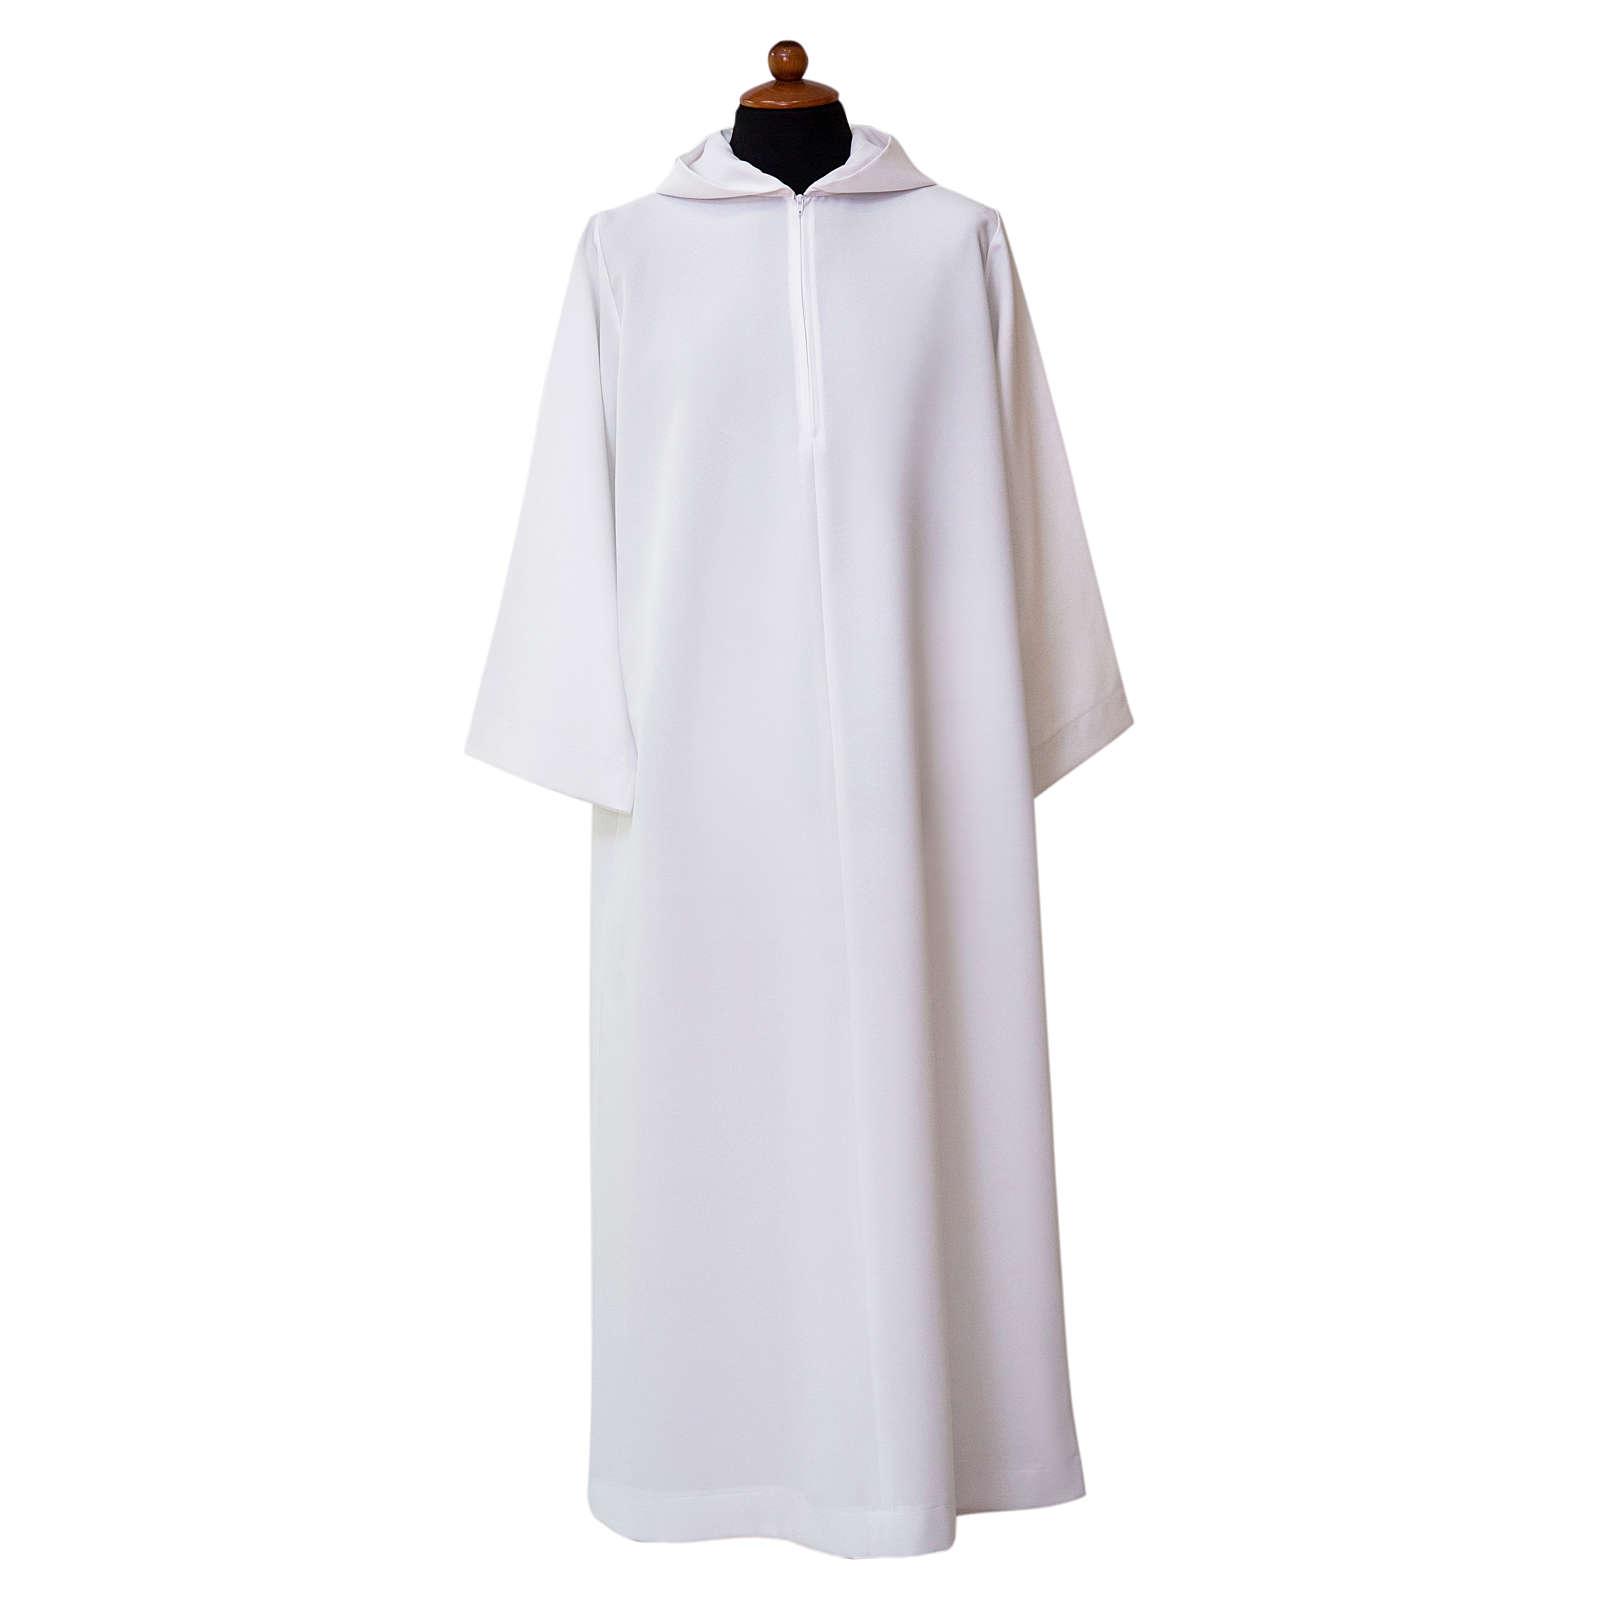 Alba blanca abocinada amplia capucha mixto algodón 4